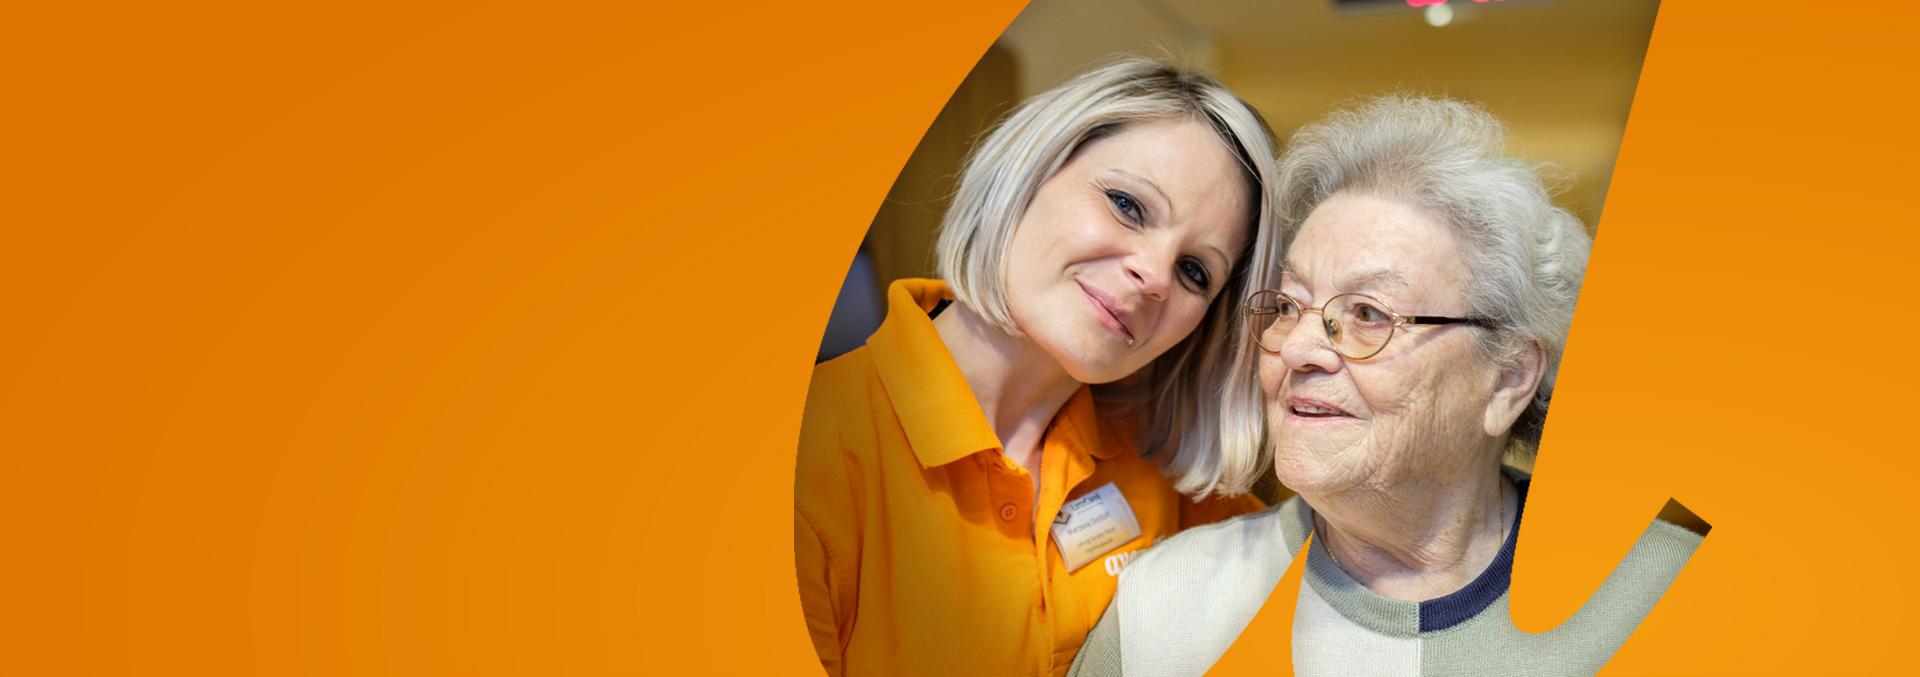 Pflege und Wohnen bei avendi; eine Pflegerin umarmt eine Bewohnerin